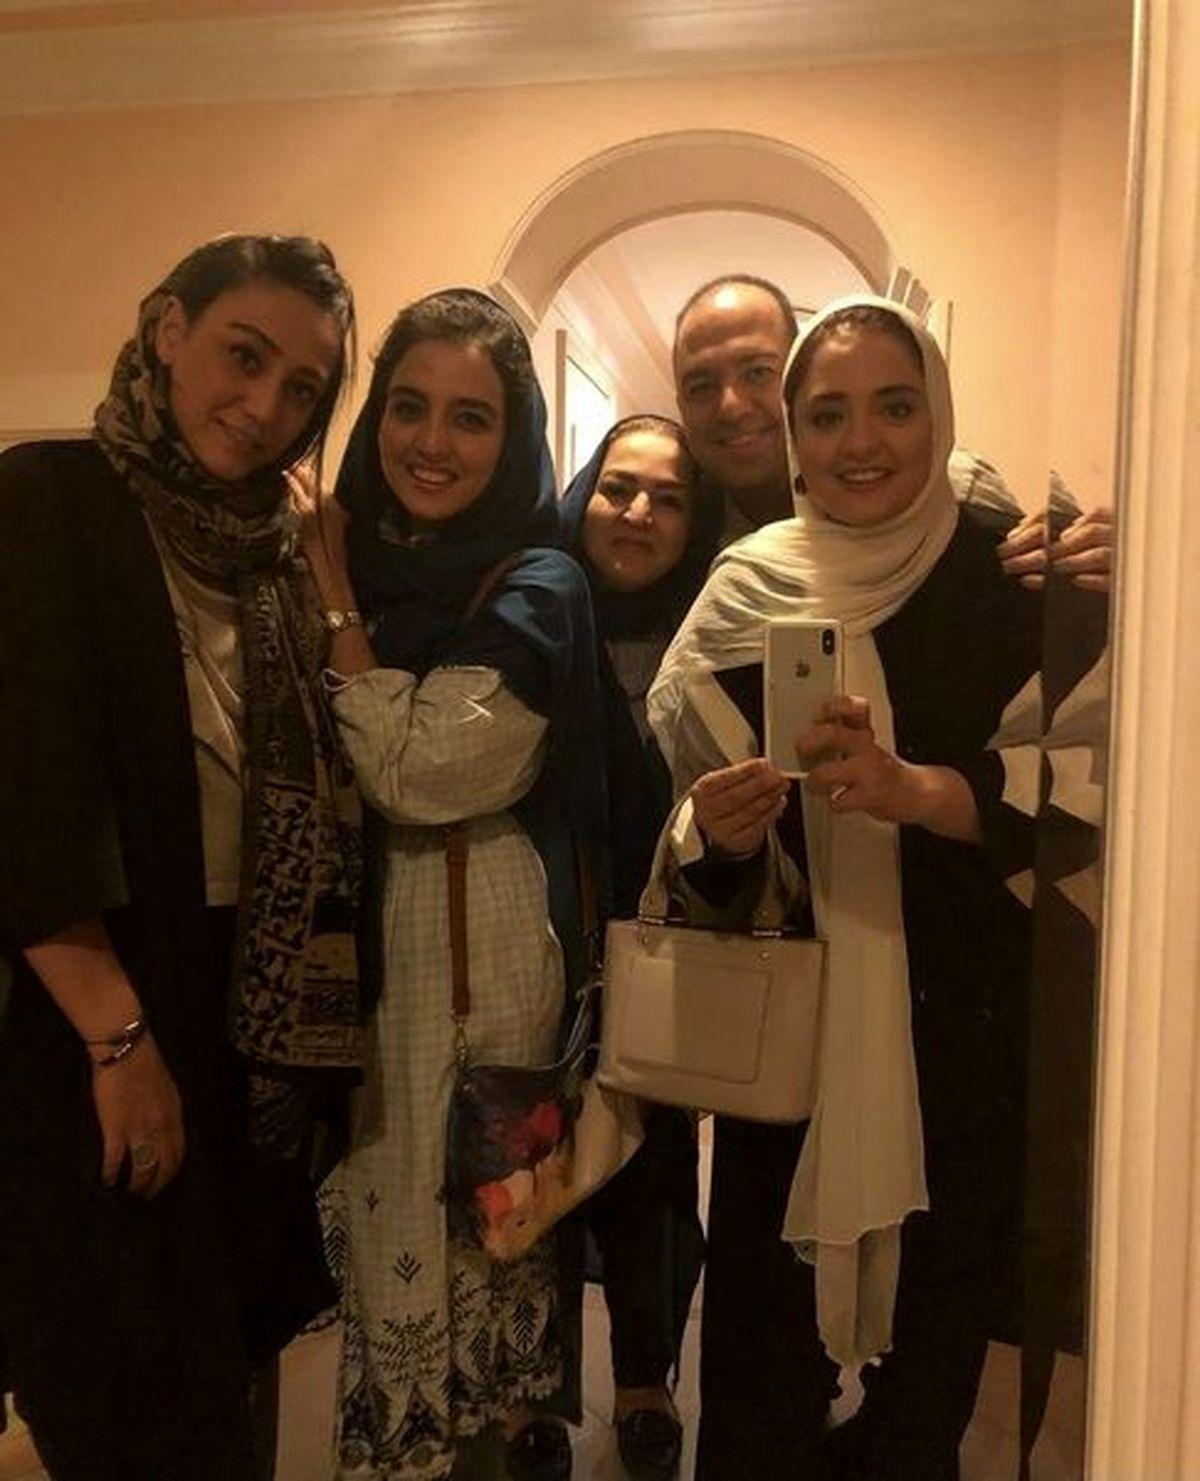 نرگس محمدی و خانواده اش در خانه لوکسش +عکس